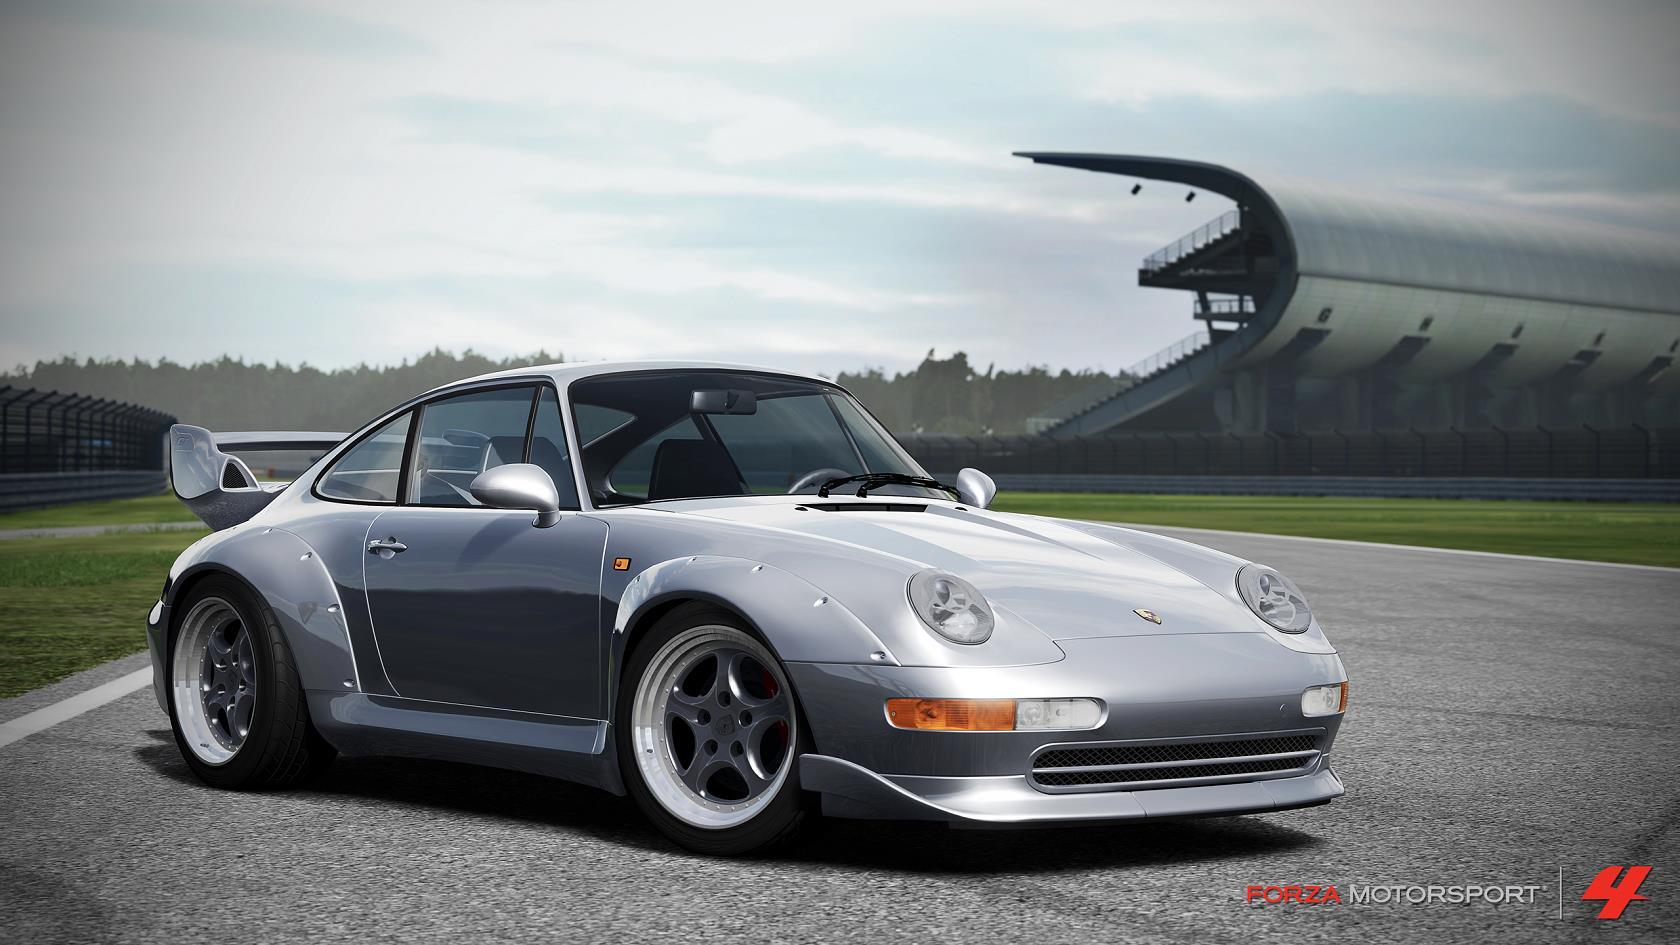 Porsche 911 Gt2 Rs >> Forza Motorsport 4 – Porsche 911 GT2 Preview – VirtualR.net – 100% Independent Sim Racing News